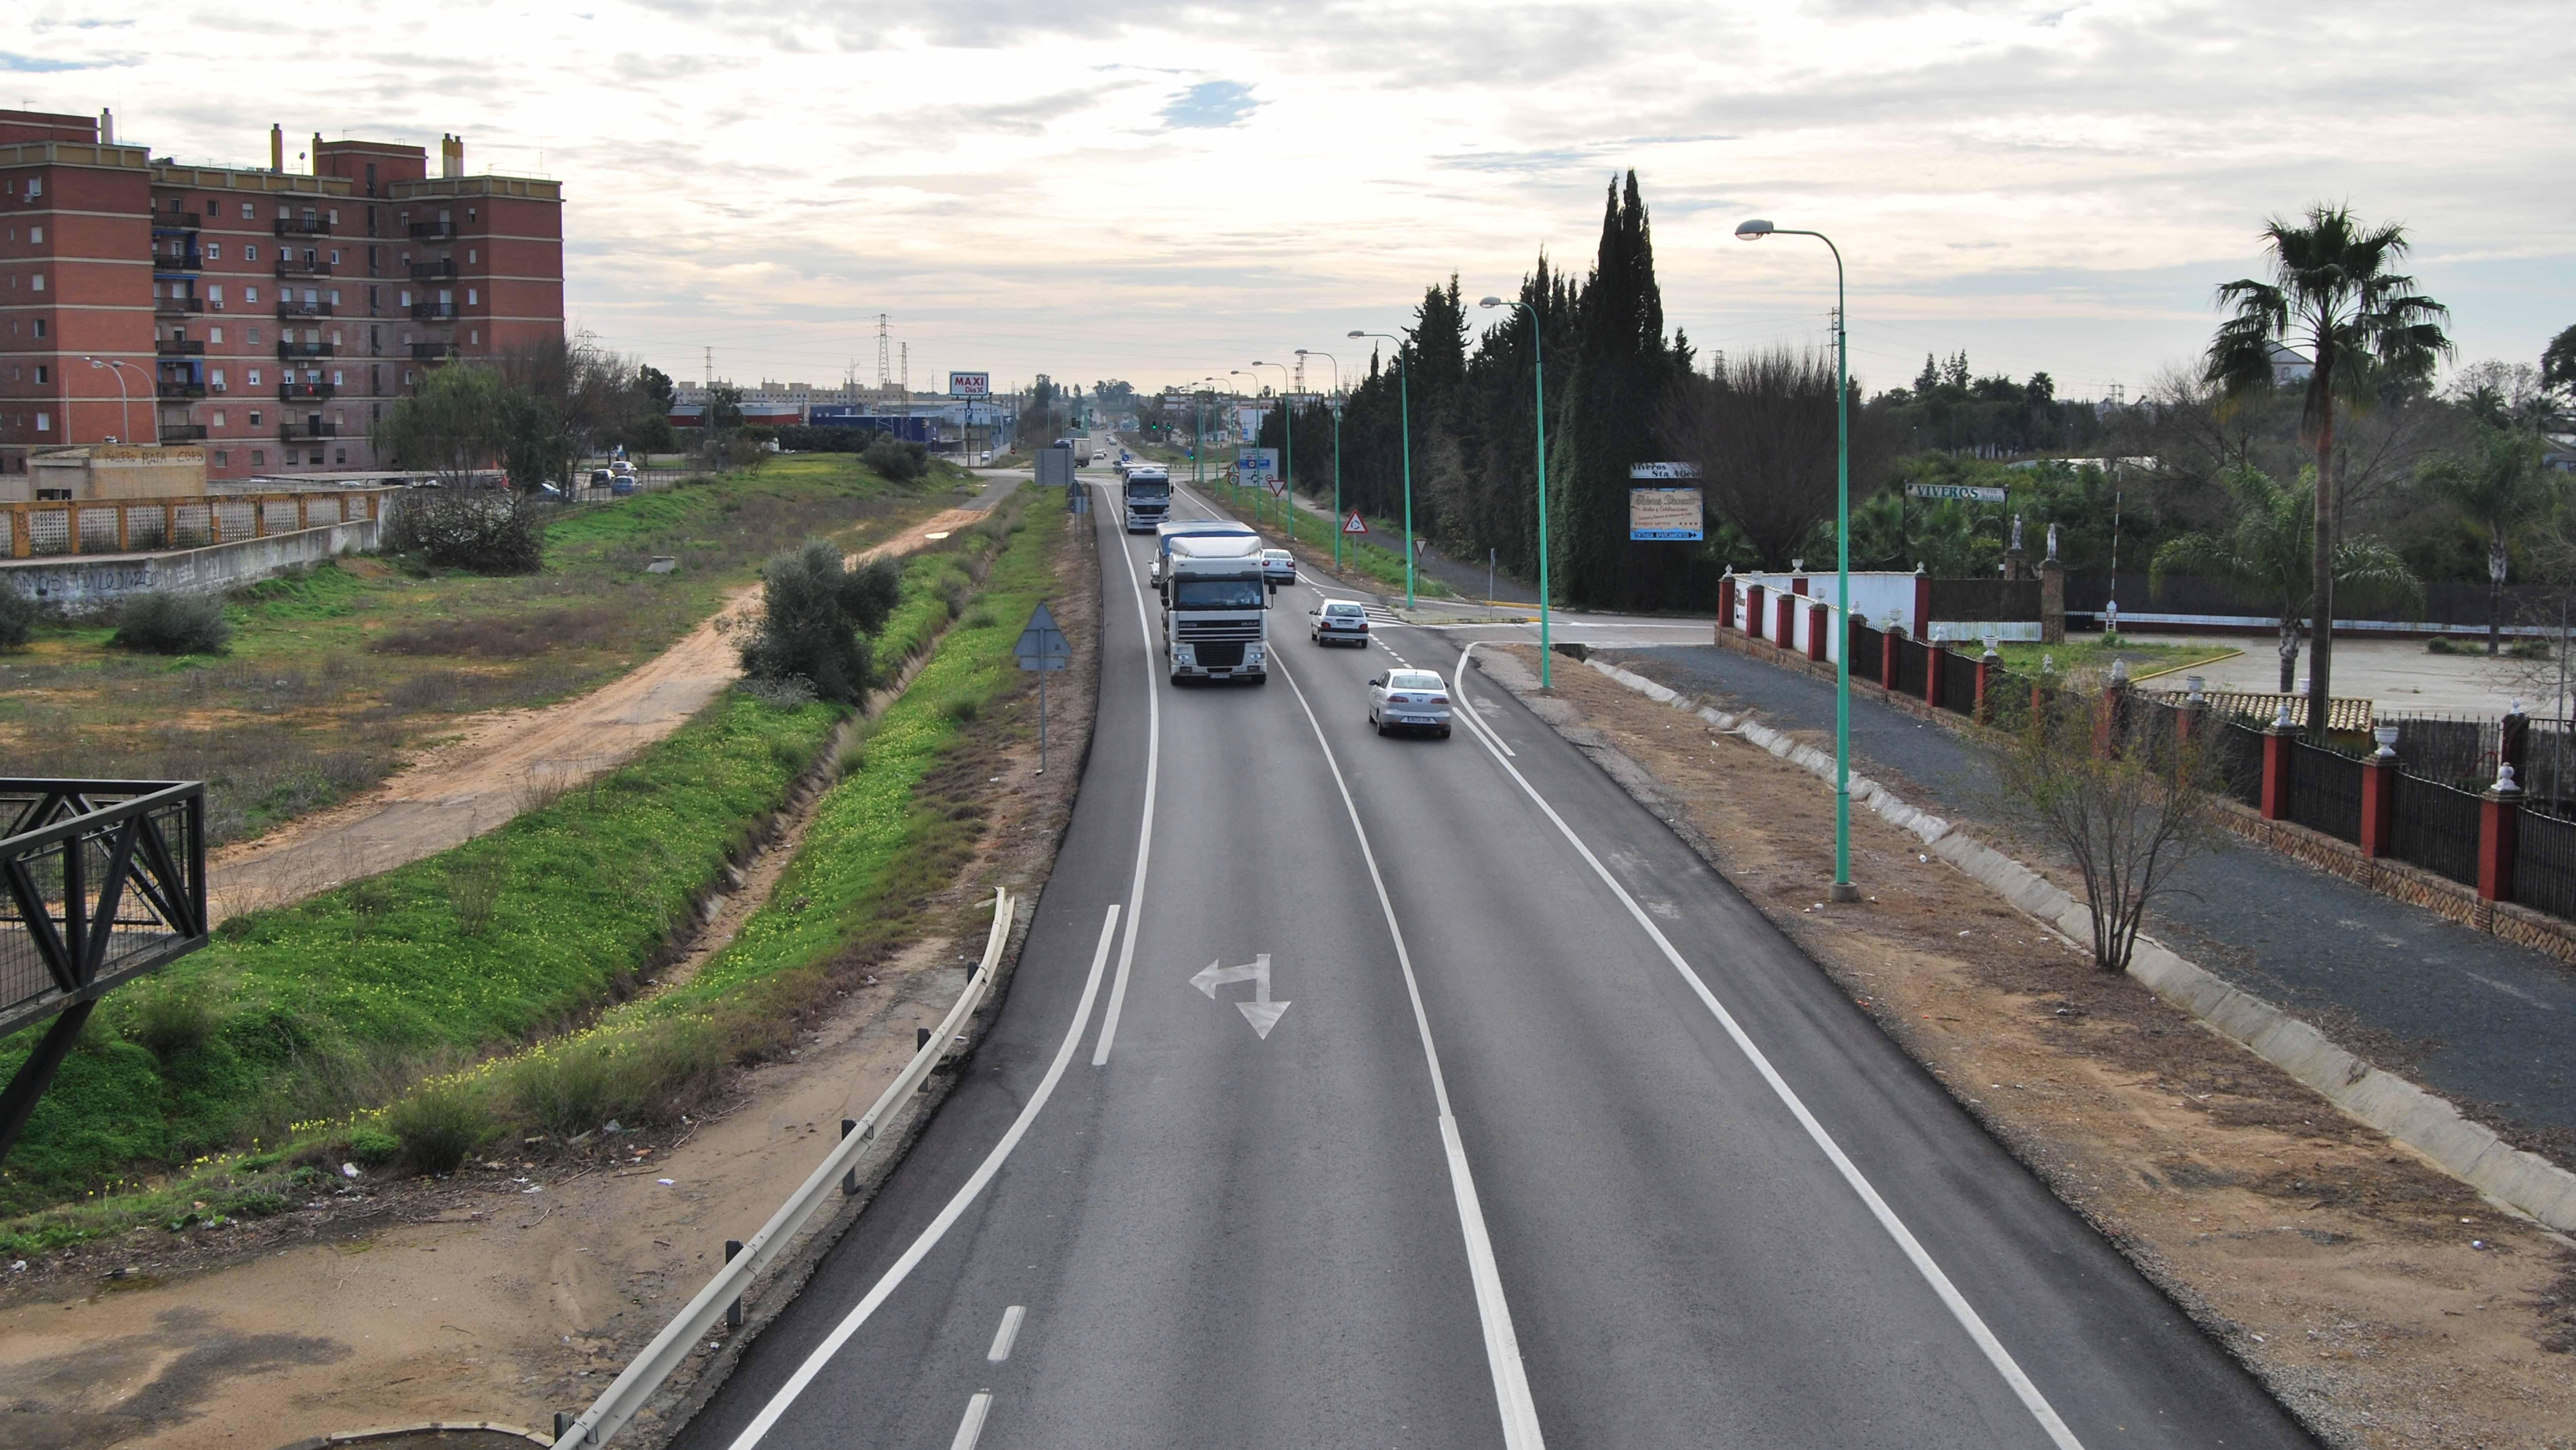 La carretera A-394 a su paso por la localidad de Utrera